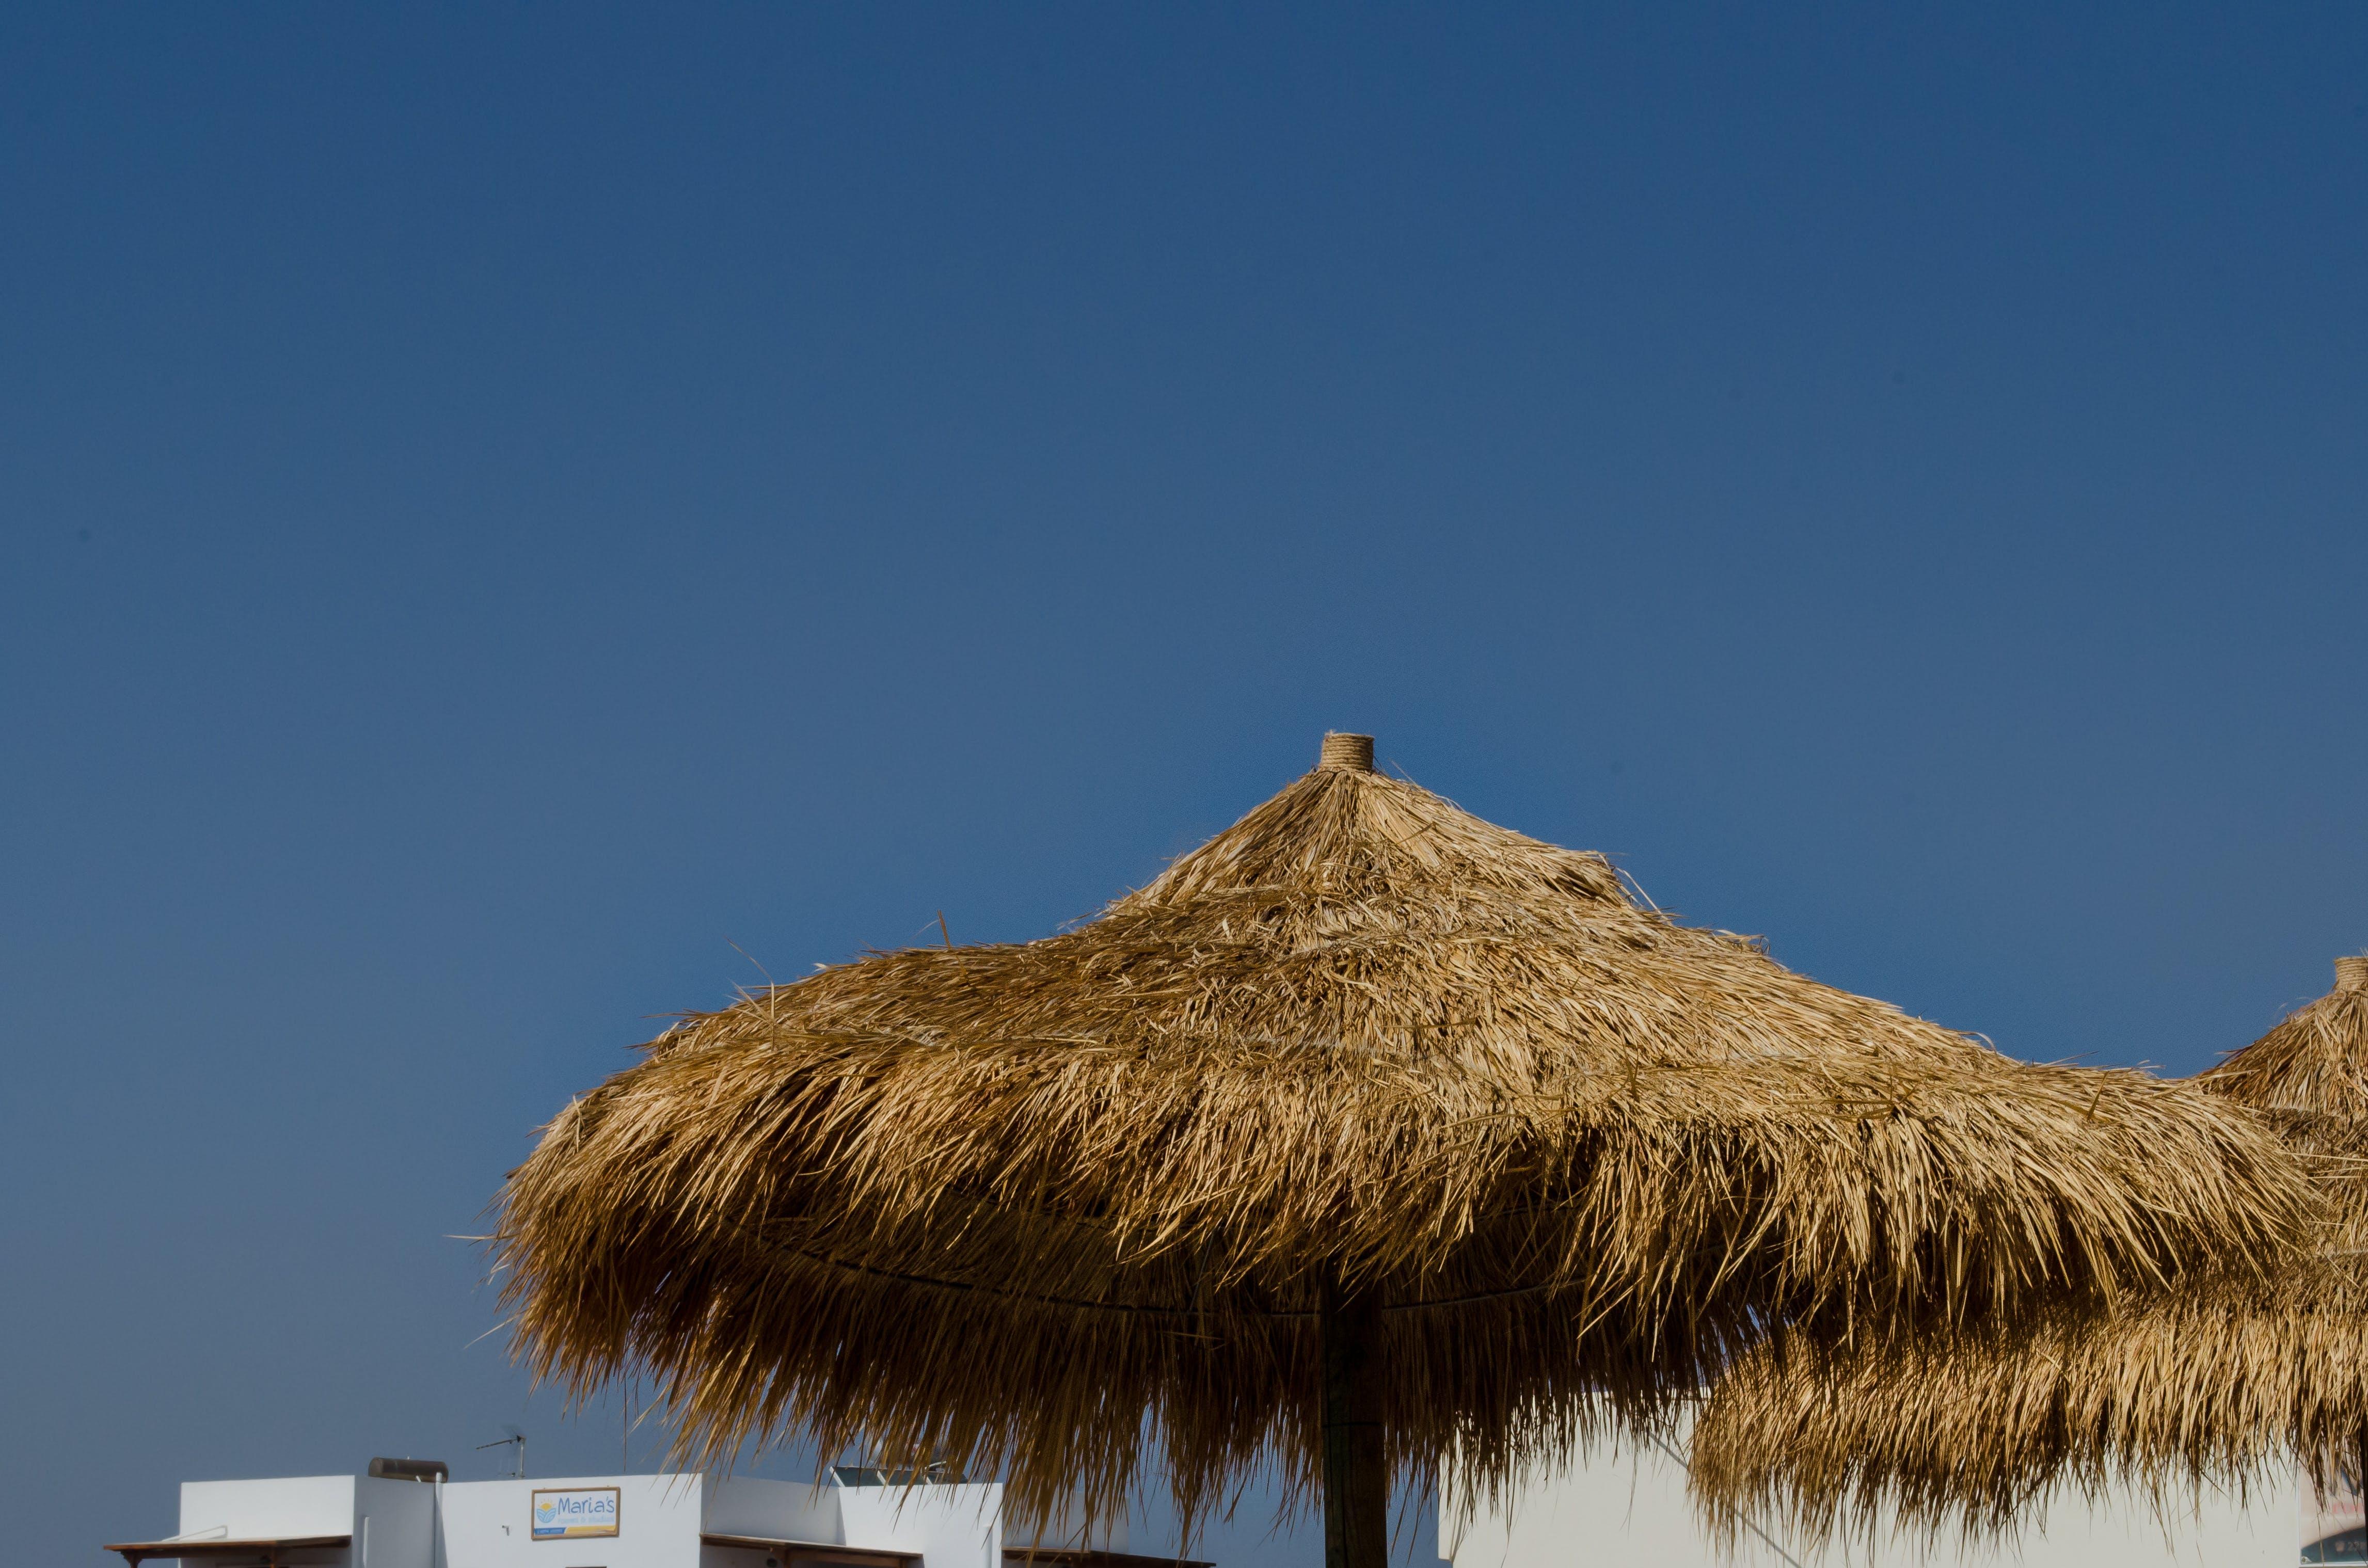 Foto profissional grátis de cabana do nipa, cabanas de praia, cênico, céu azul